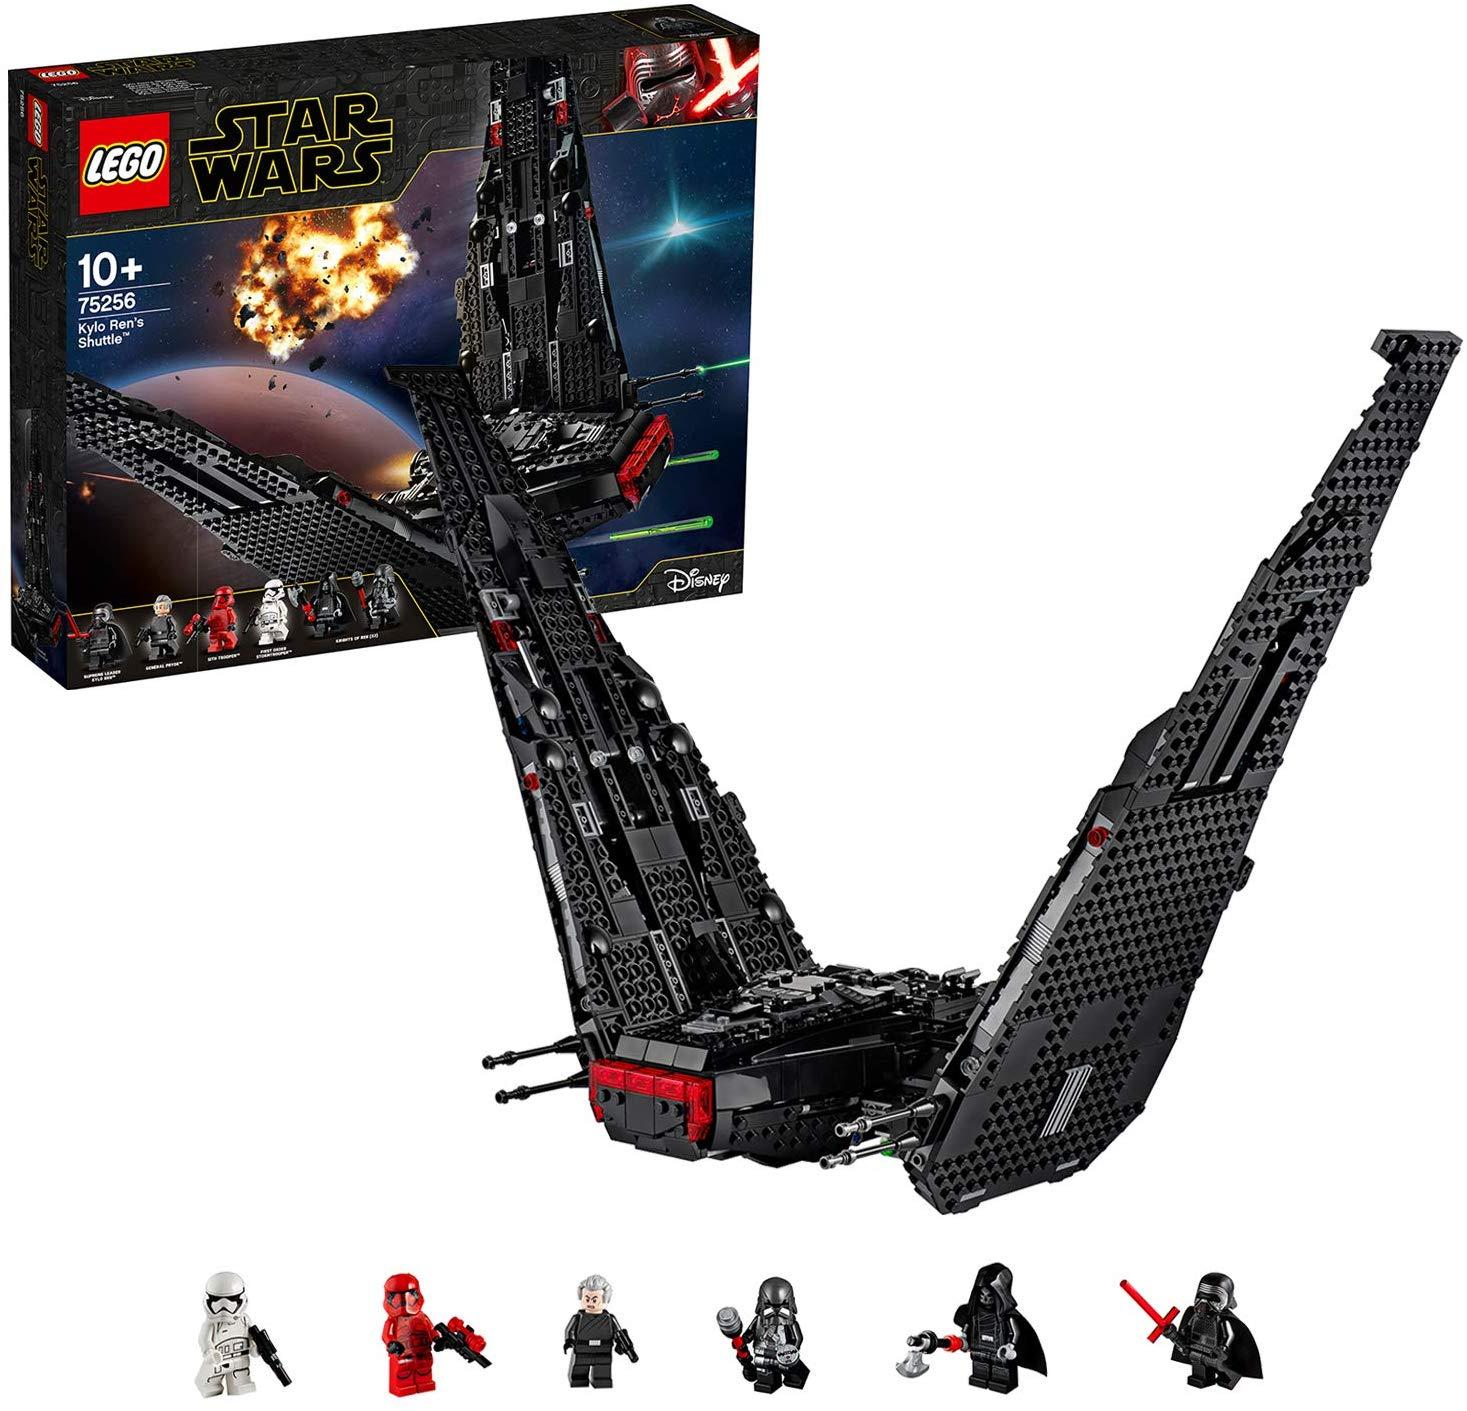 LEGO 75256 Star Wars Kylo Ren's Shuttle Starship Construction Set - £79.99 @ Amazon